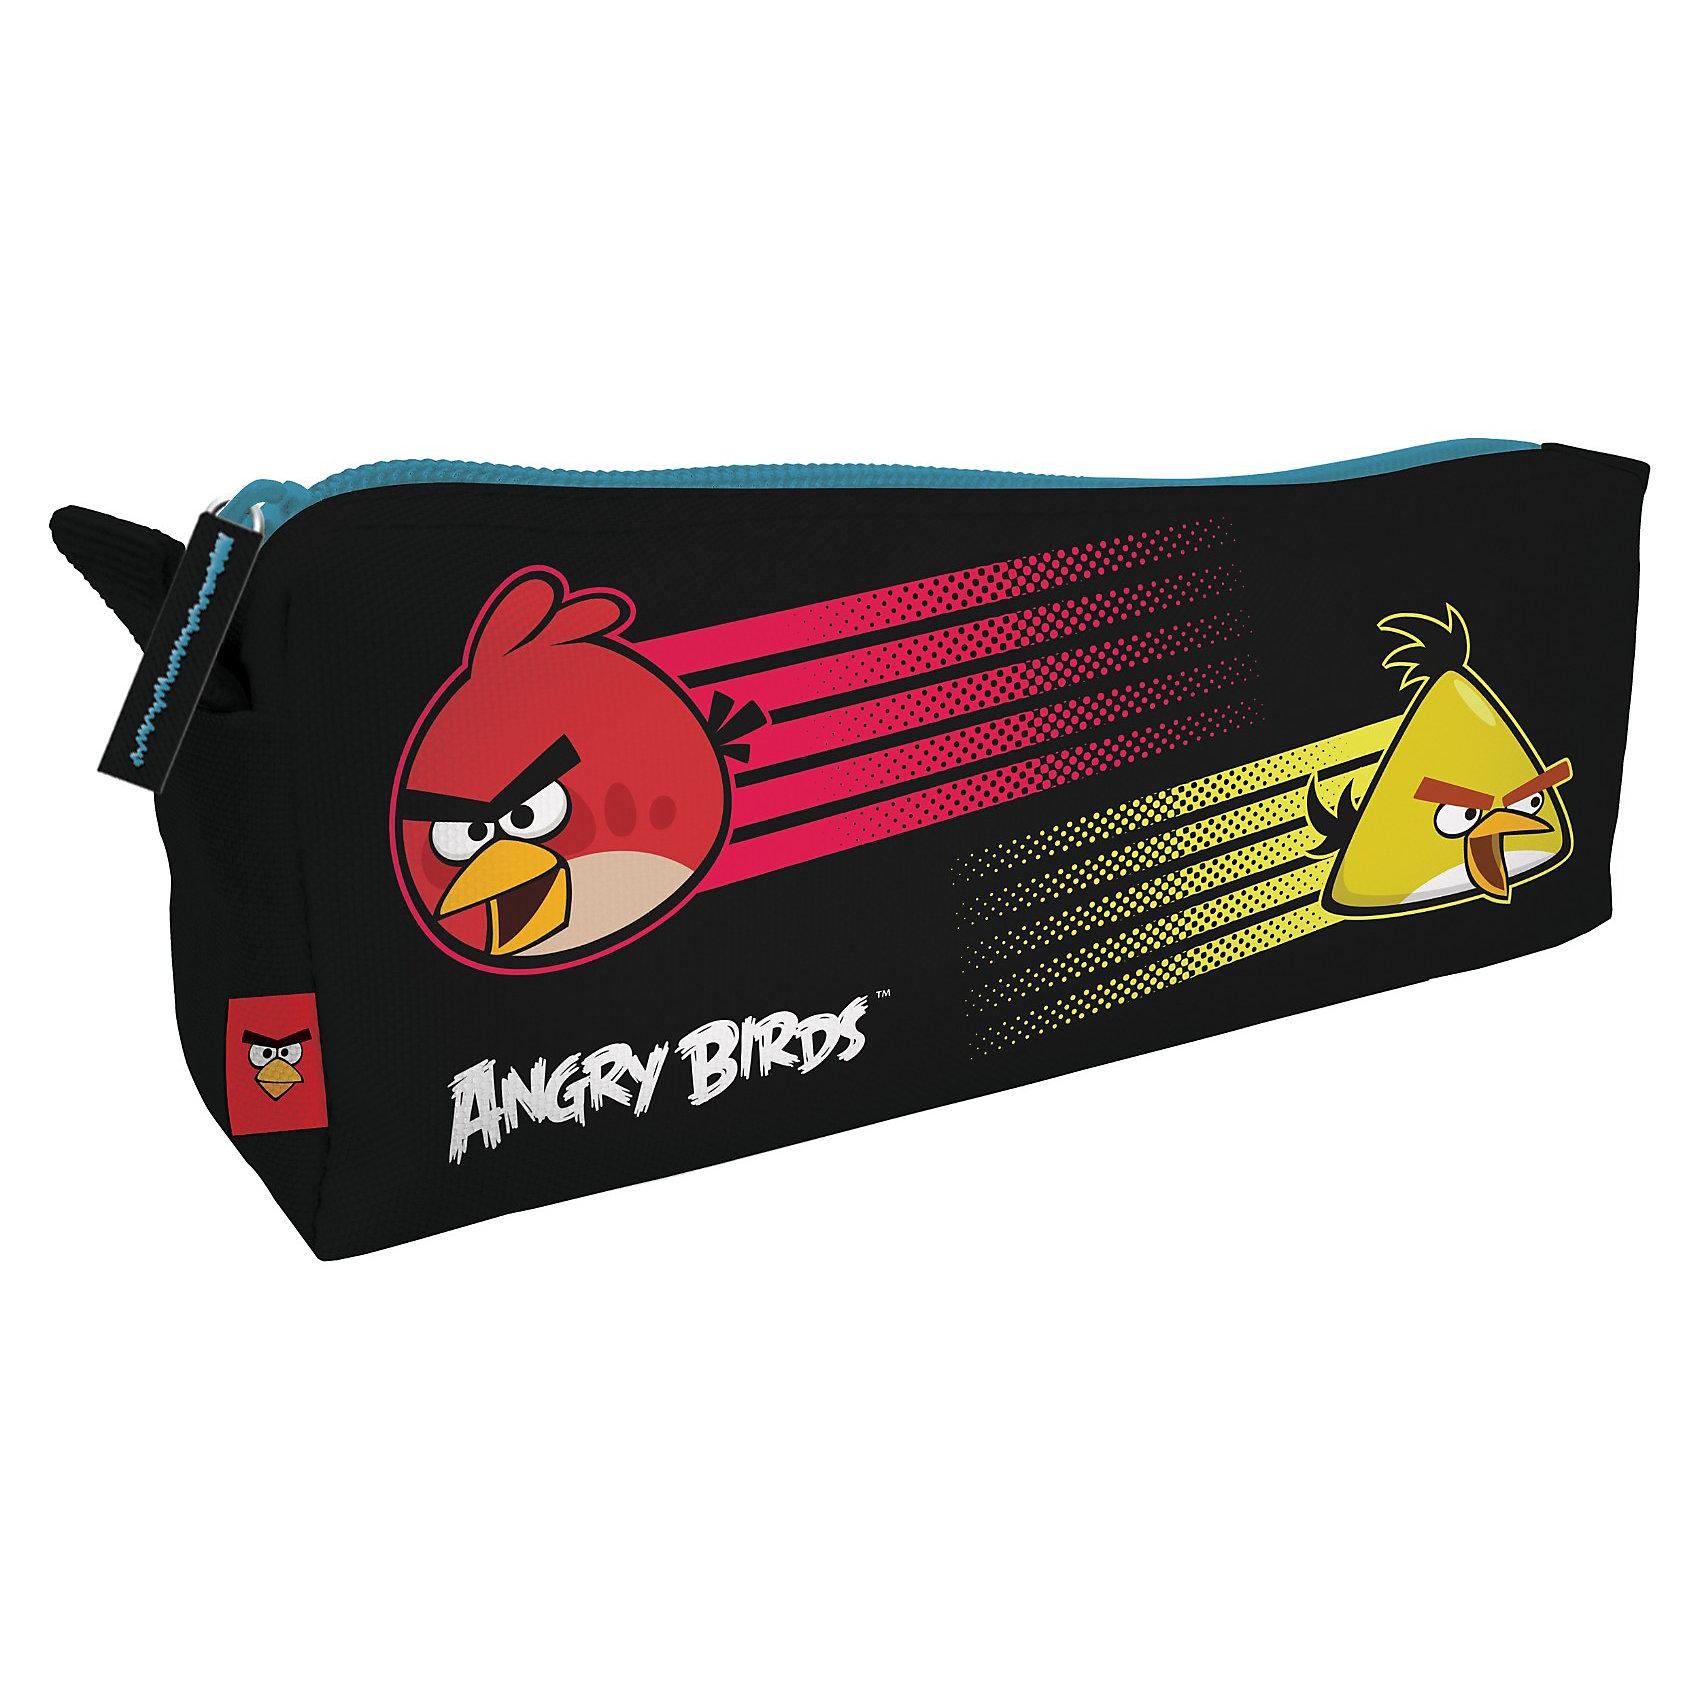 Пенал-косметичка, Angry BirdsAngry Birds<br>Пенал Angry Birds (Энгри Бердс) поможет Вашему ребенку организовать свое школьное место и собрать все канцтовары в школу.<br><br>Пенал Angry Birds (Энгри Бердс) понравится школьникам разного возраста и пола. В него удобно складывать канцелярские принадлежности, носить с собой разные мелочи, а можно использовать этот пенал как оригинальную косметичку. Пенал-косметичка изготовлен из мягкого текстиля, закрывается на застежку-молнию.<br><br>Дополнительная информация:<br>- Размер: 80х20 мм.<br>- Материал: полиэстер<br><br>Пенал-косметичку Angry Birds (Злые Птички) можно купить в нашем интернет-магазине.<br><br>Ширина мм: 260<br>Глубина мм: 150<br>Высота мм: 150<br>Вес г: 300<br>Возраст от месяцев: 120<br>Возраст до месяцев: 144<br>Пол: Унисекс<br>Возраст: Детский<br>SKU: 3563256